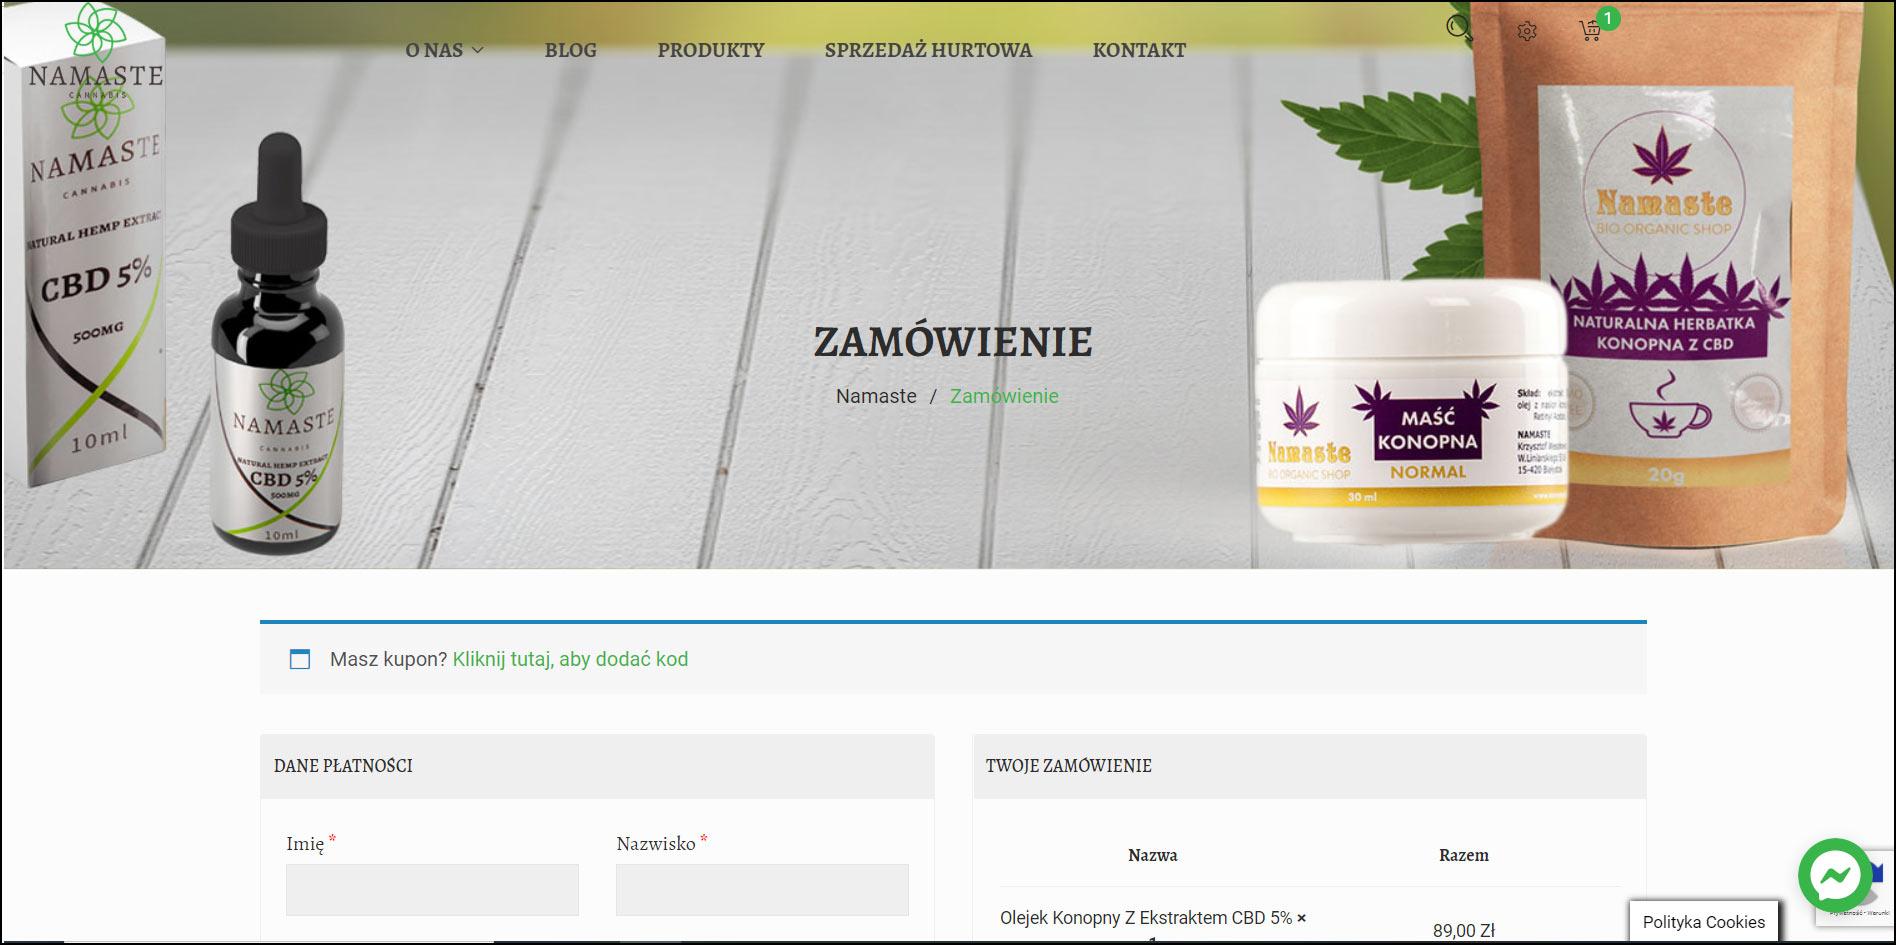 www.evion.pl sklepy internetowe Białystok tanie sklepy internetowe tworzenie sklepów internetowych tworzenie sklepów www (3)